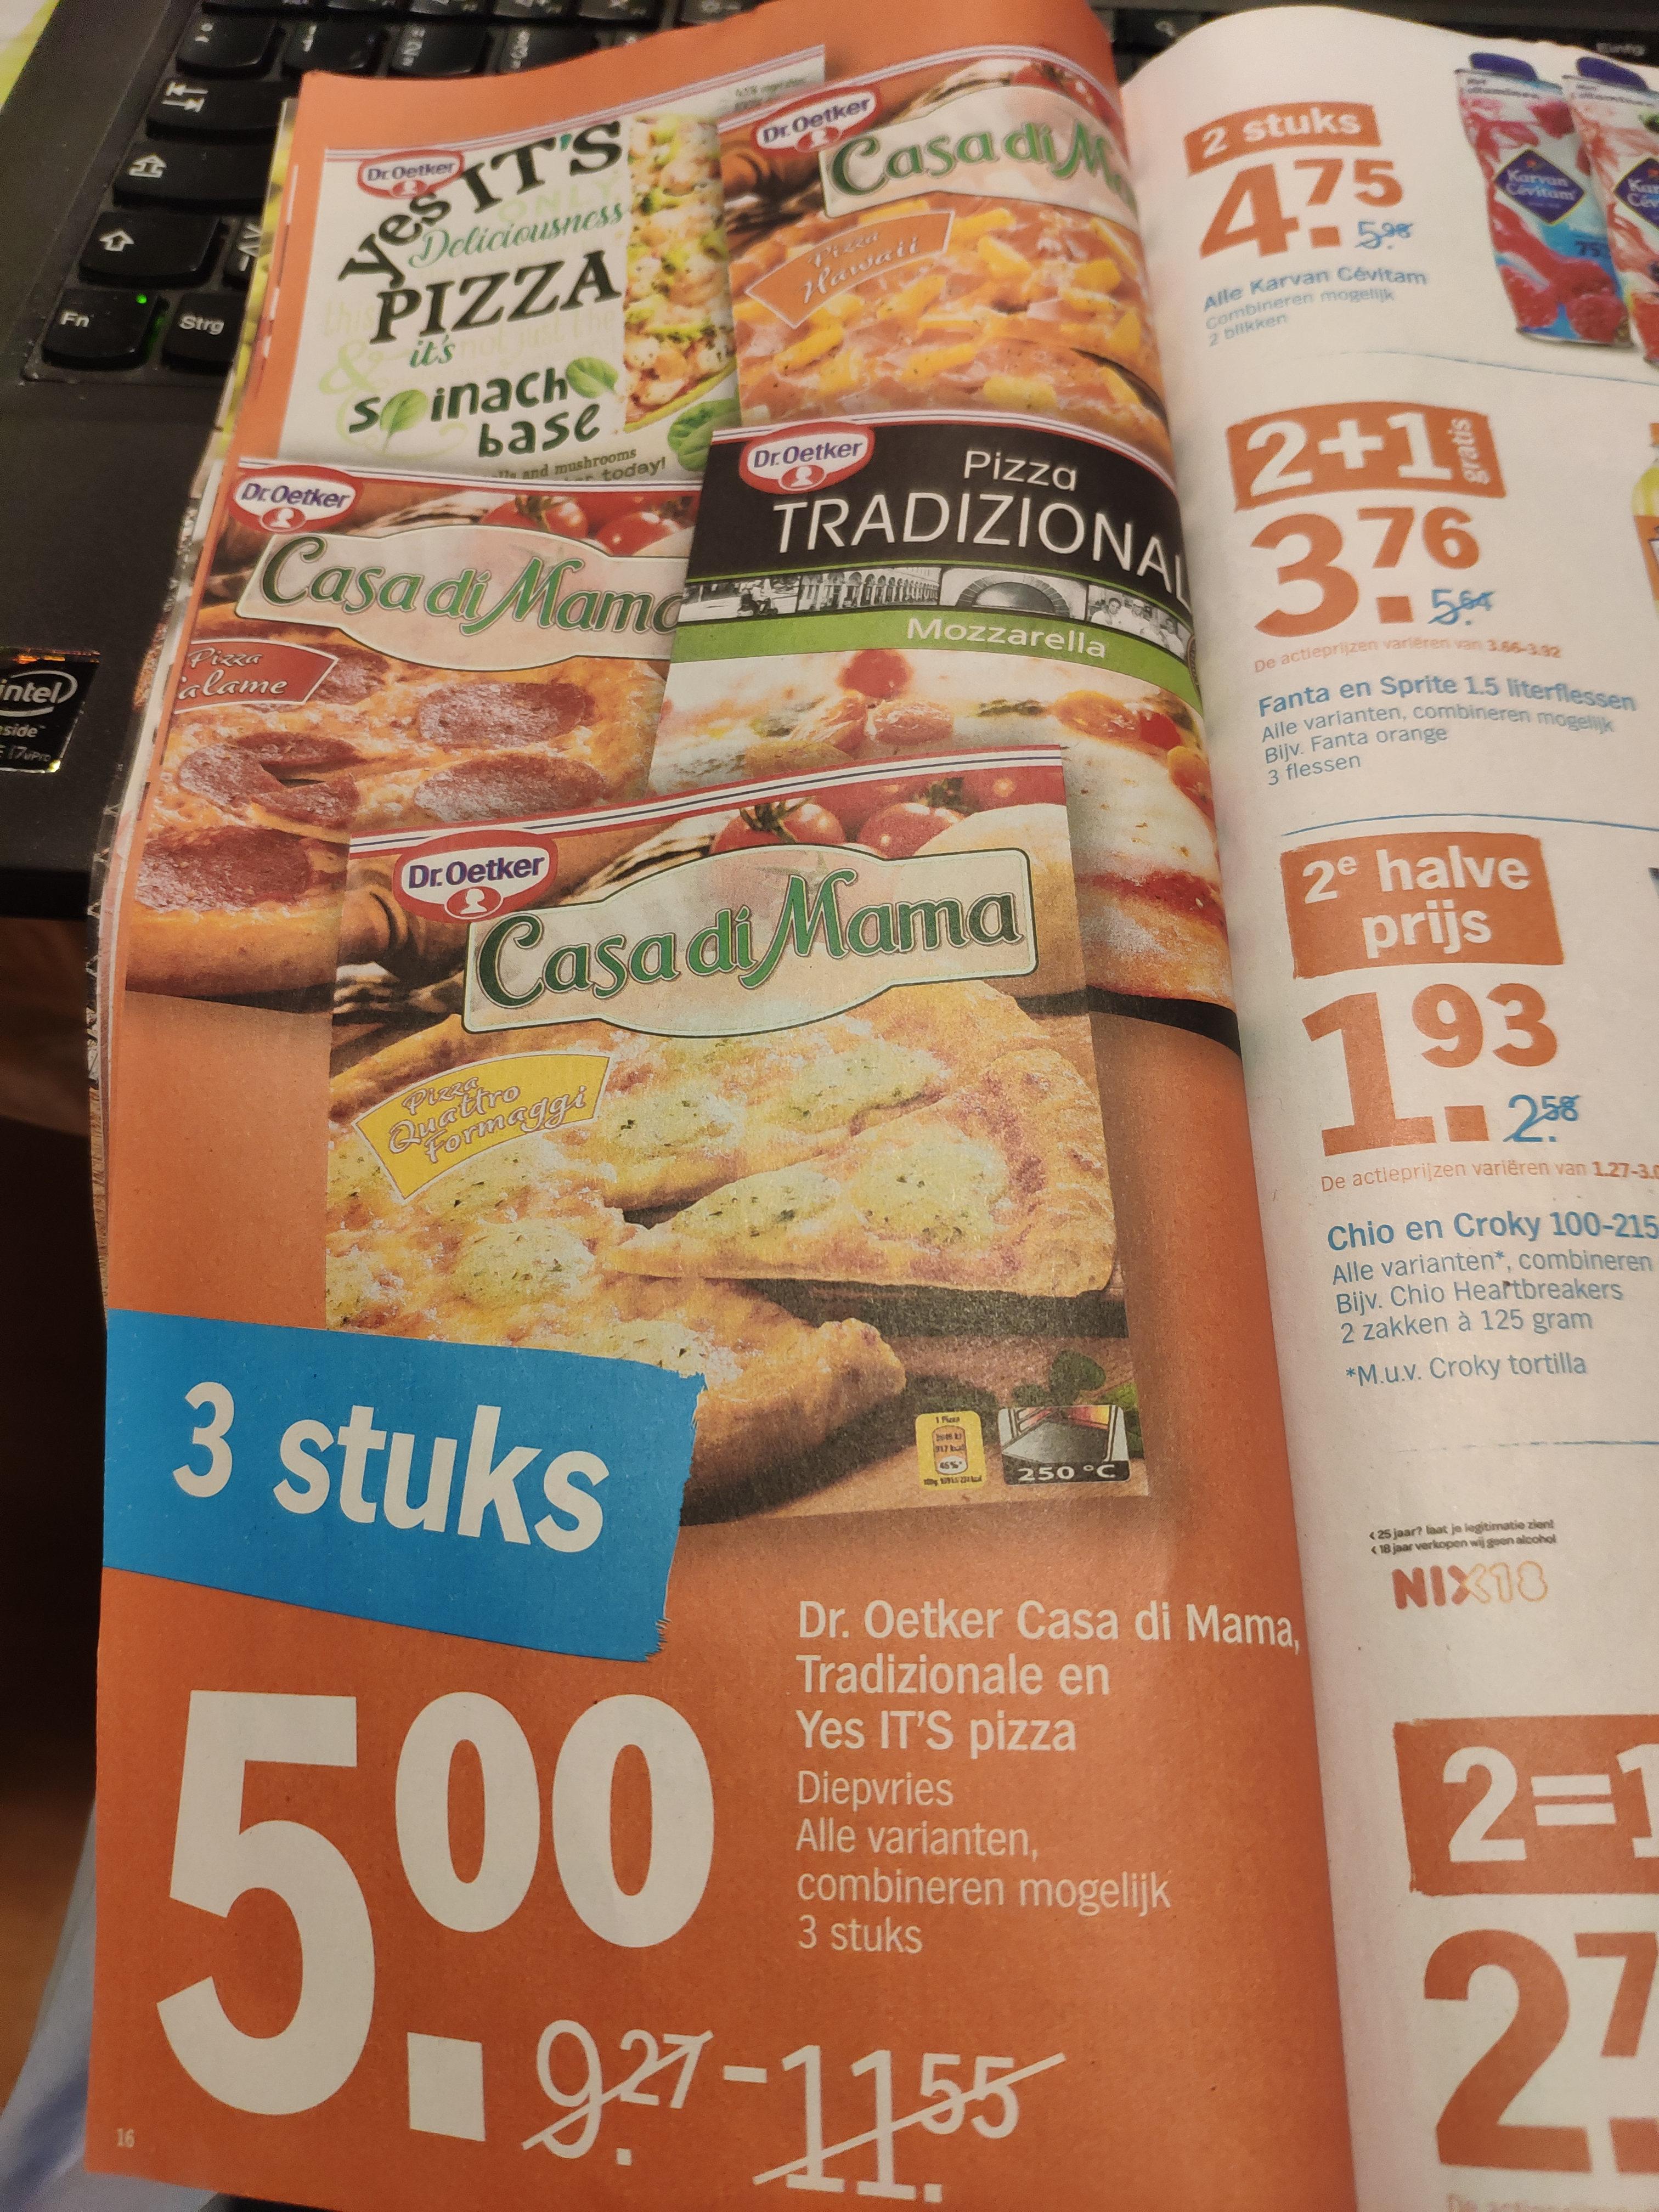 Albert Heijn (Niederlande): Dr. Oetker Pizza Tradizionale, Casa di Mama (Ofenfrische) oder Yes IT'S 3 Stück für 5 €